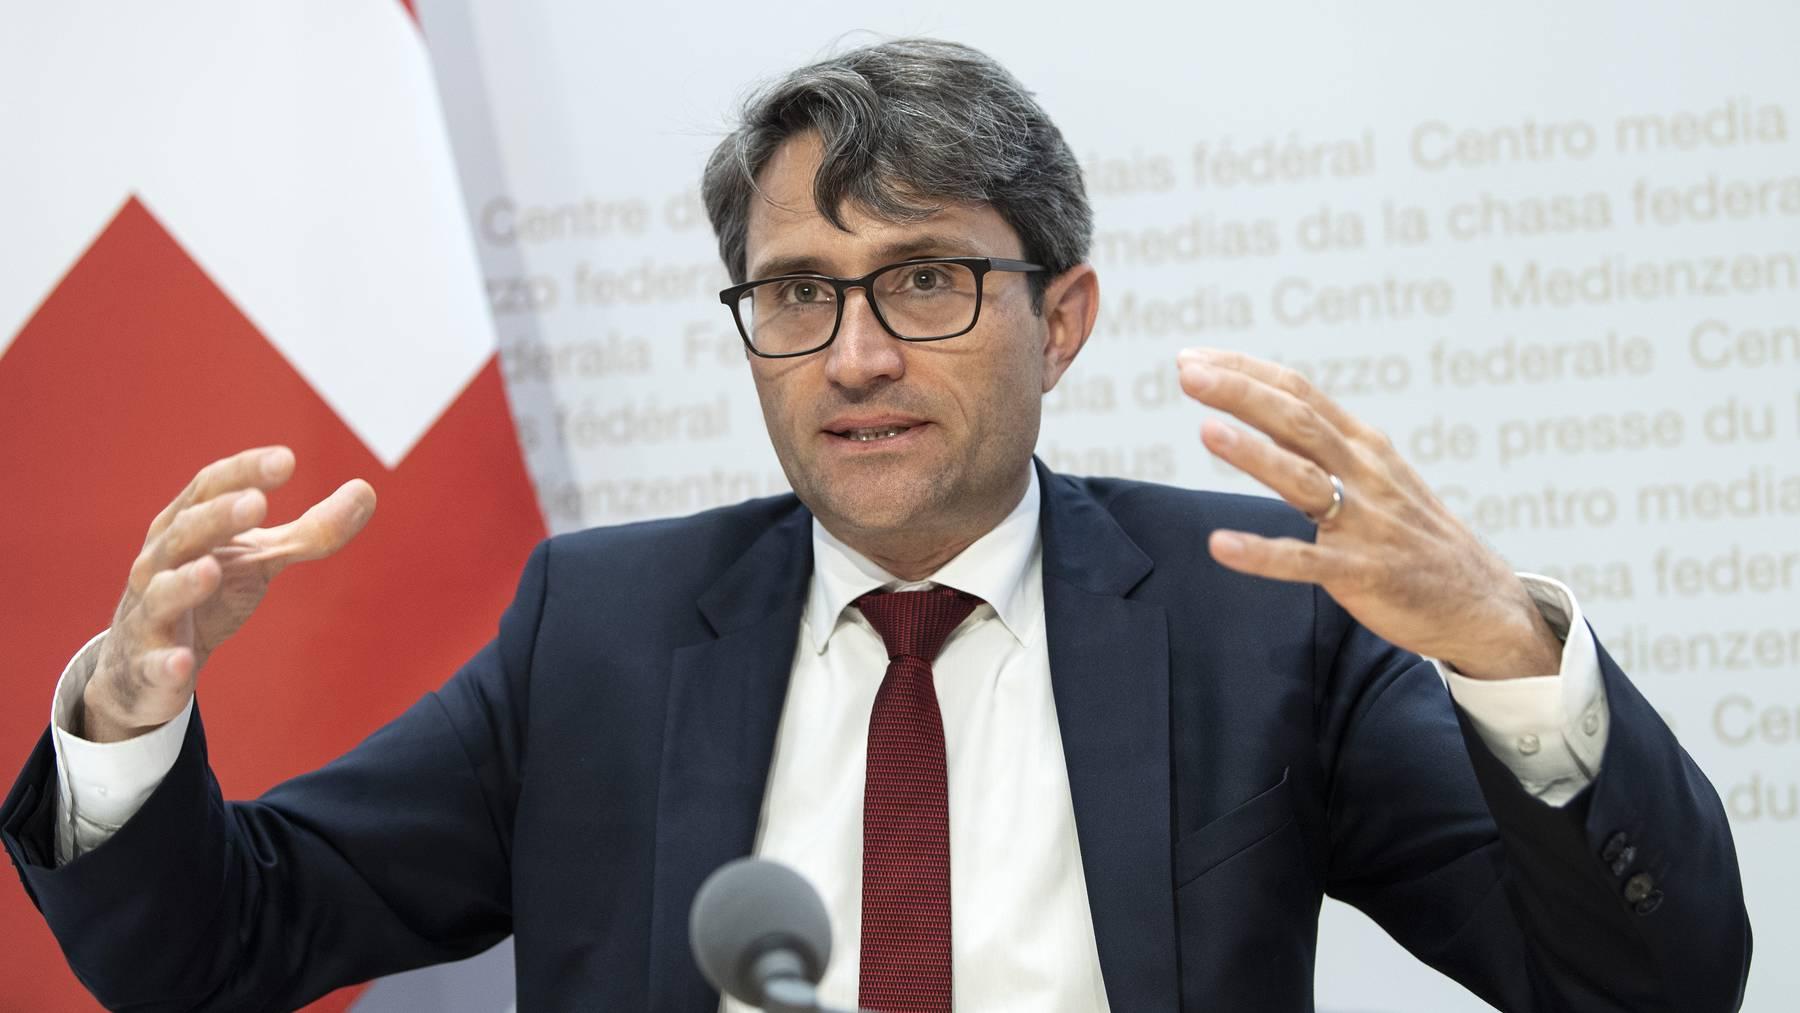 Lukas Engelberger,  Präsident der Konferenz der kantonalen Gesundheitsdirektorinnen und -direktoren (GDK), an einer Medienkonferenz.